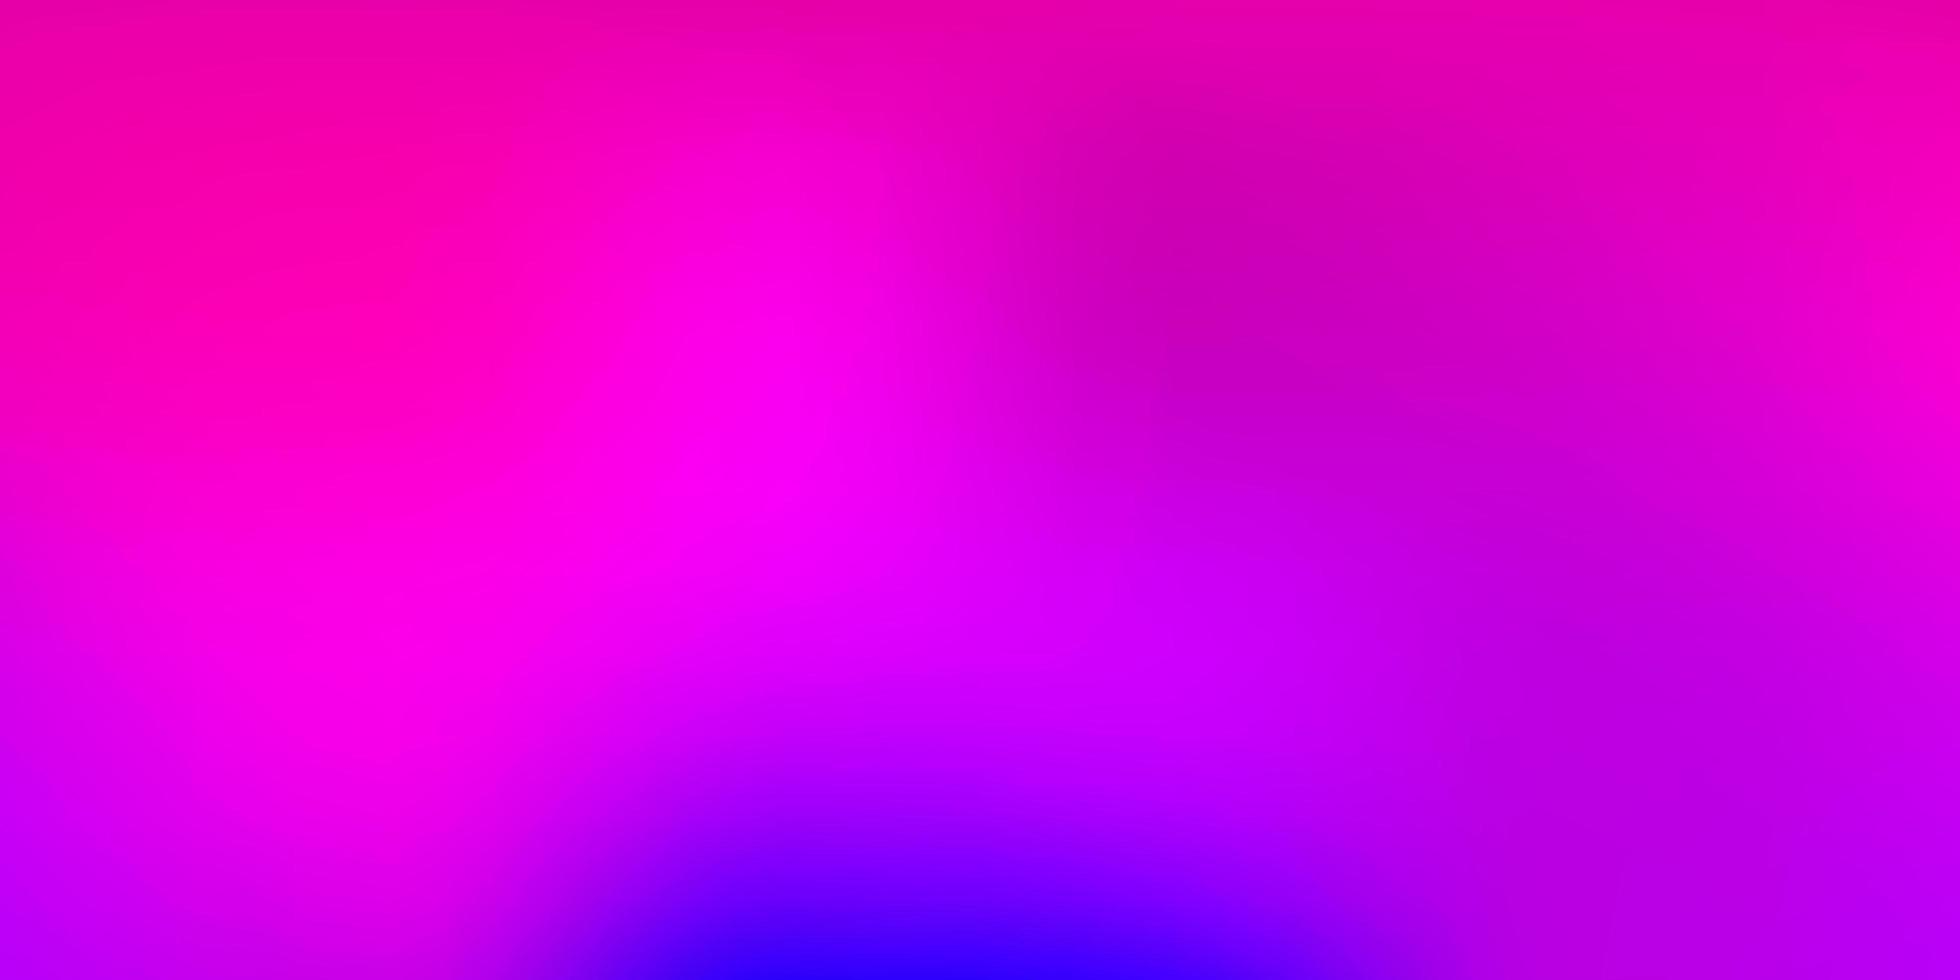 dunkelrosa Vektor-Gradienten-Unschärfezeichnung. vektor